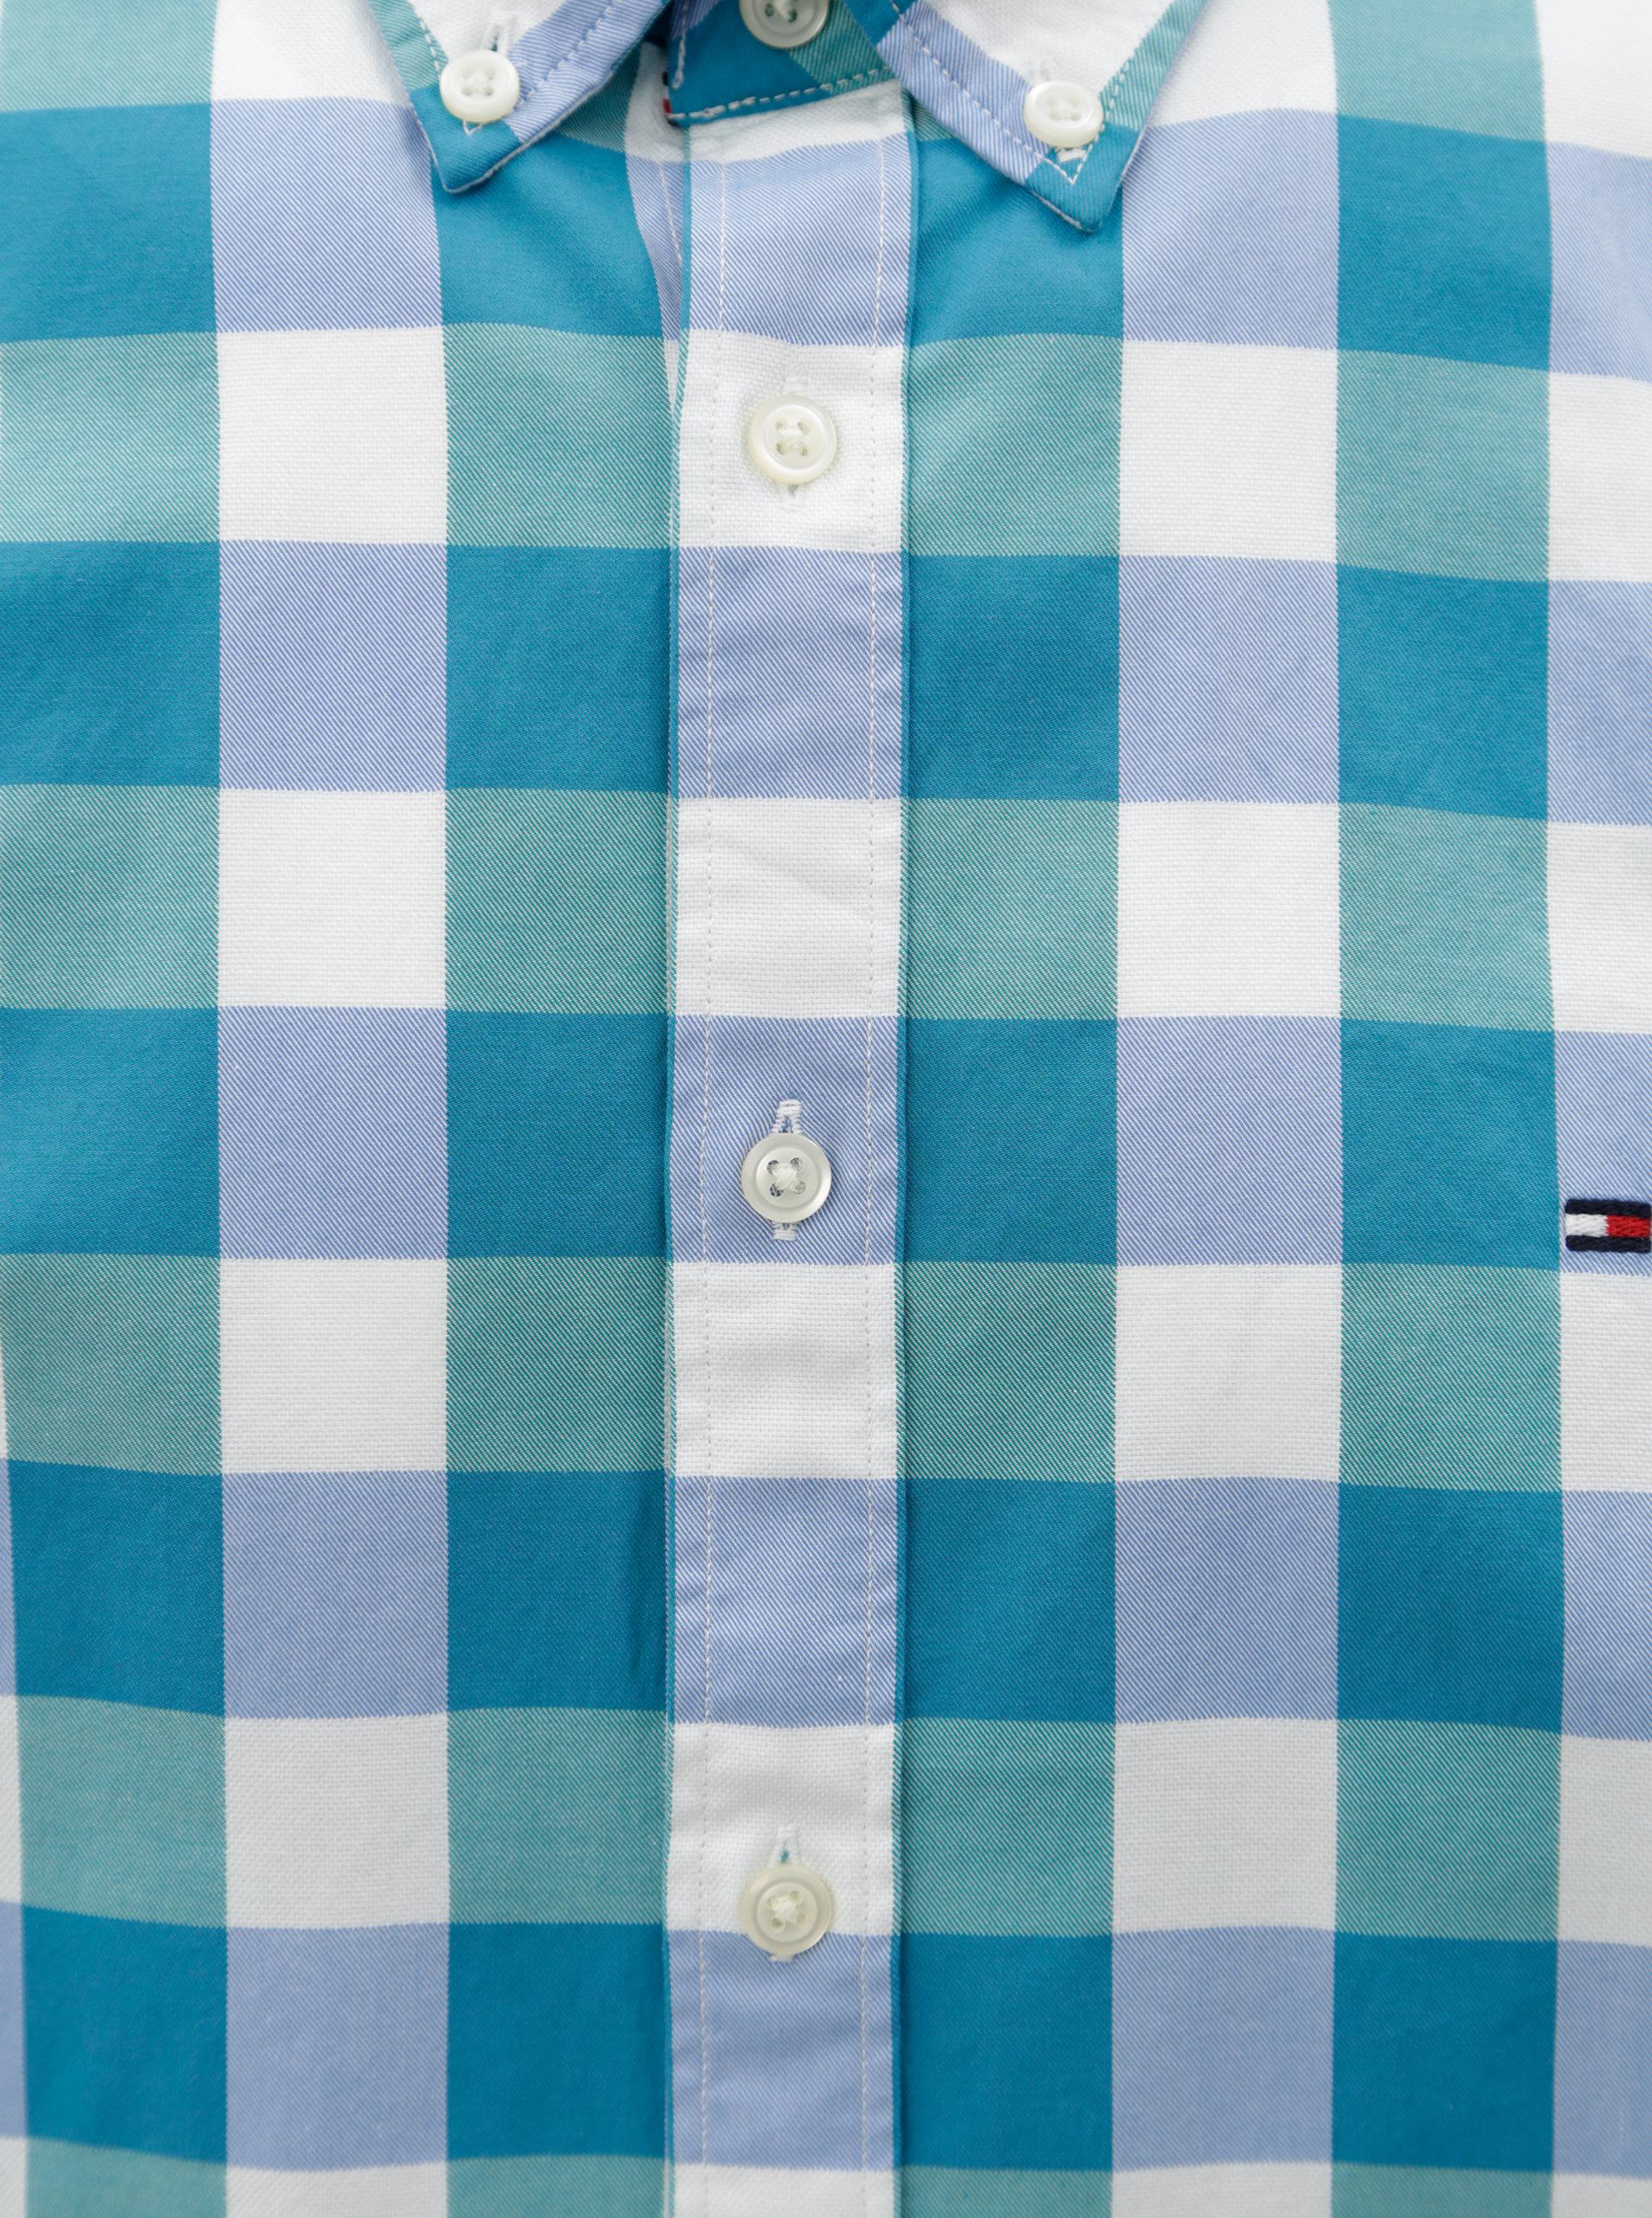 5ac46fde5e48 Bílo-zelená pánská kostkovaná regular fit košile Tommy Hilfiger ...